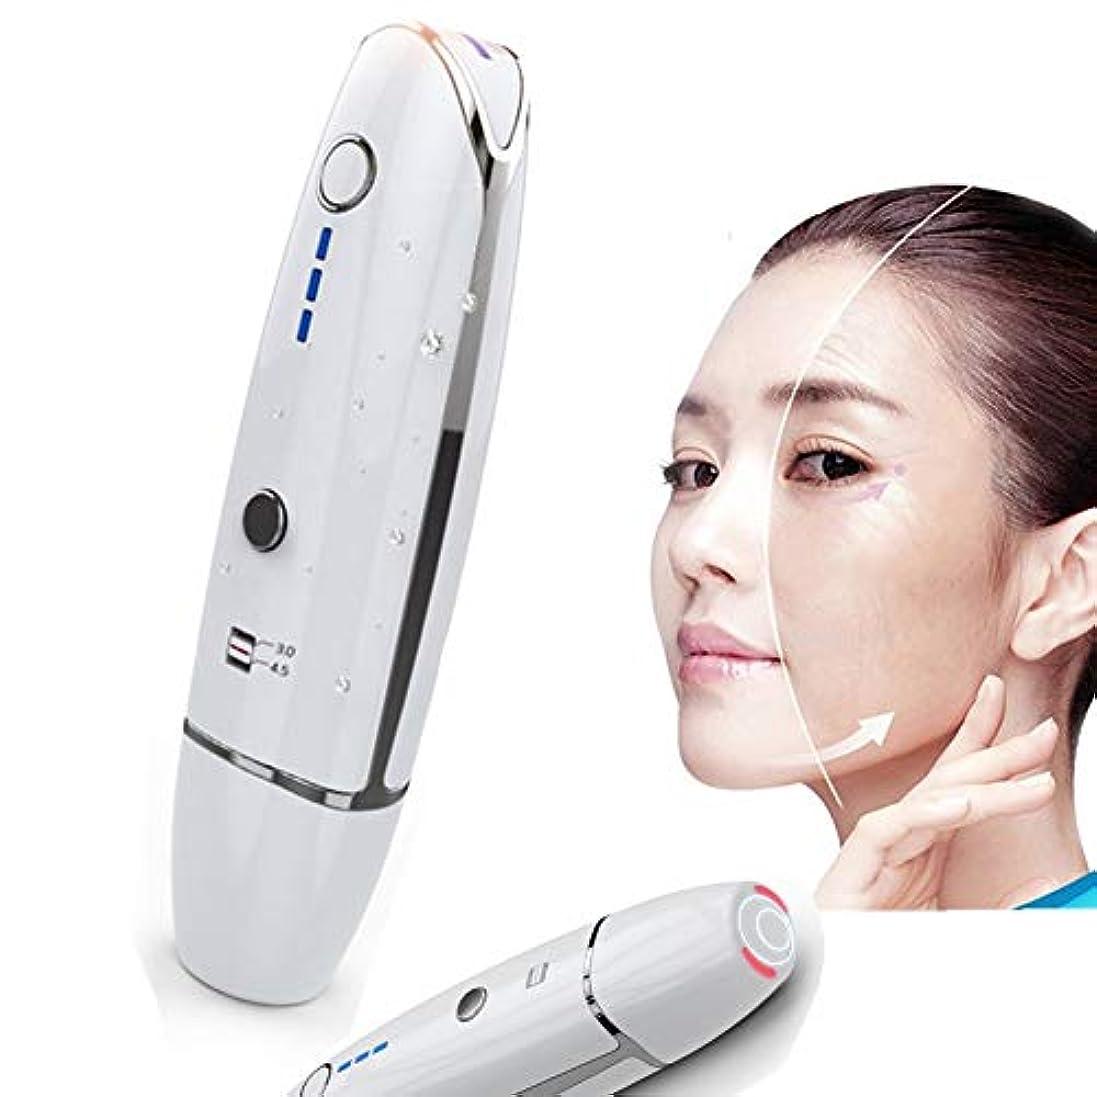 該当する是正する放射する9 in1ガルバニックマイクロダーマブレーションデバイス肌の若返りフェイシャルマシンフェイスリフト肌の引き締めしわを取り除くアンチエイジングエステサロン